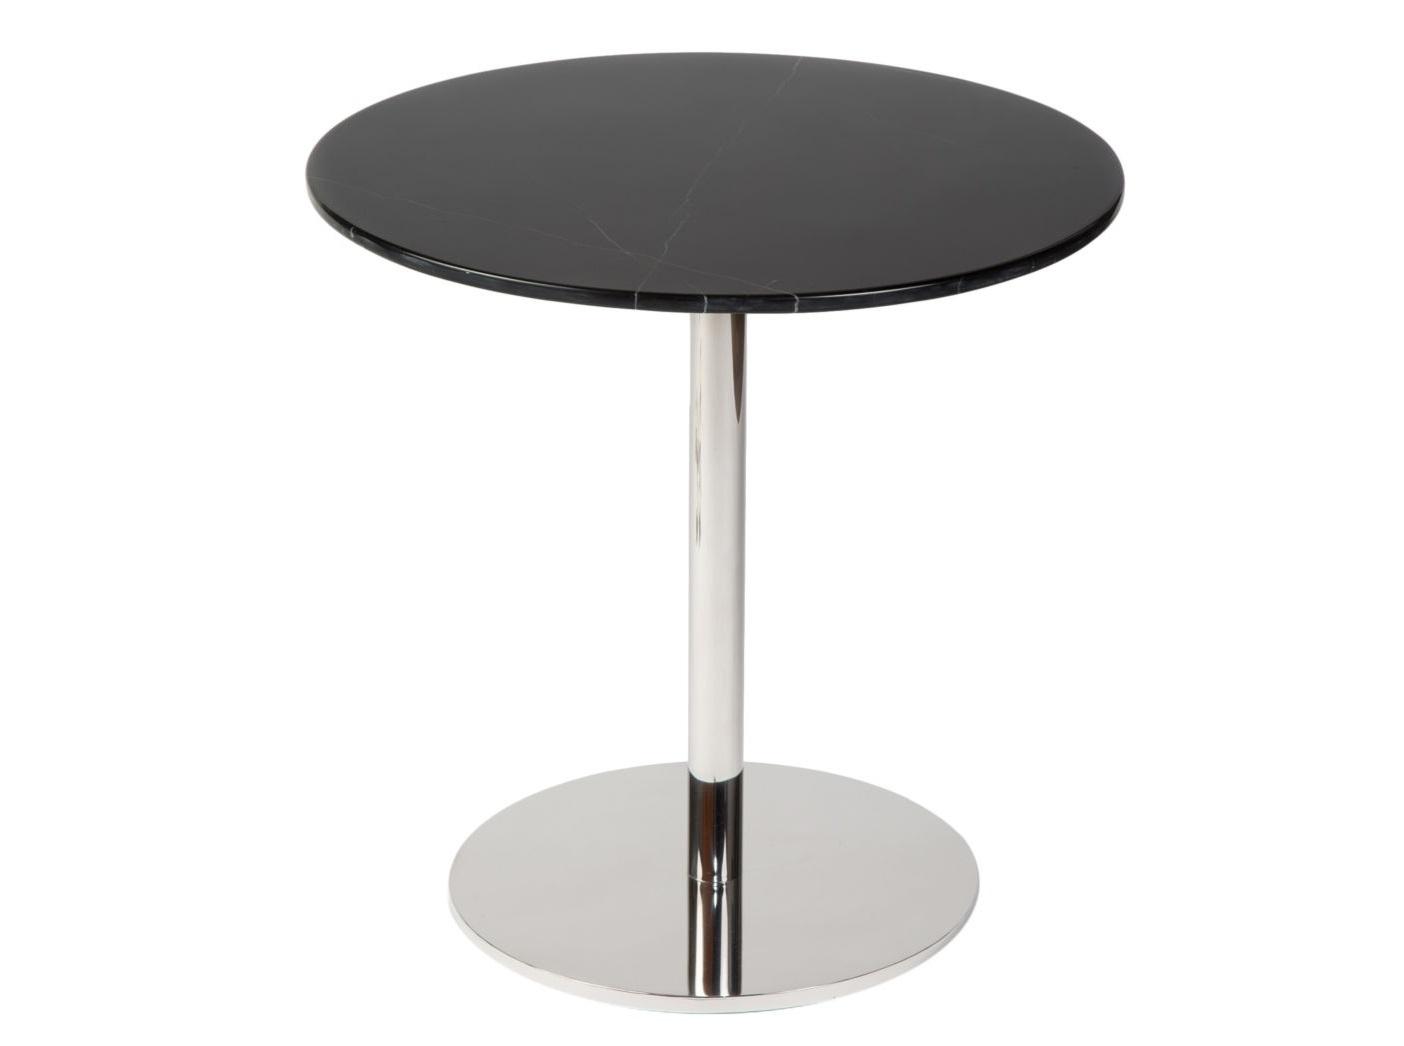 Стол WindyКофейные столики<br>&amp;lt;div&amp;gt;Ничего лишнего, только мрамор и сталь. И, конечно, идеальная лаконичная форма. Каменная столешница – гениальное изобретение дизайнеров, позволяющее сохранить вашу любимую мебель в первозданном виде надолго. Такому столу не страшны горячие чашки и необузданные гости – он стерпит все, не теряя со временем своей красоты и благородства.&amp;lt;/div&amp;gt;&amp;lt;div&amp;gt;&amp;lt;br&amp;gt;&amp;lt;/div&amp;gt;&amp;lt;div&amp;gt;Материал: Полированная сталь, стекло&amp;lt;/div&amp;gt;<br><br>Material: Стекло<br>Высота см: 58